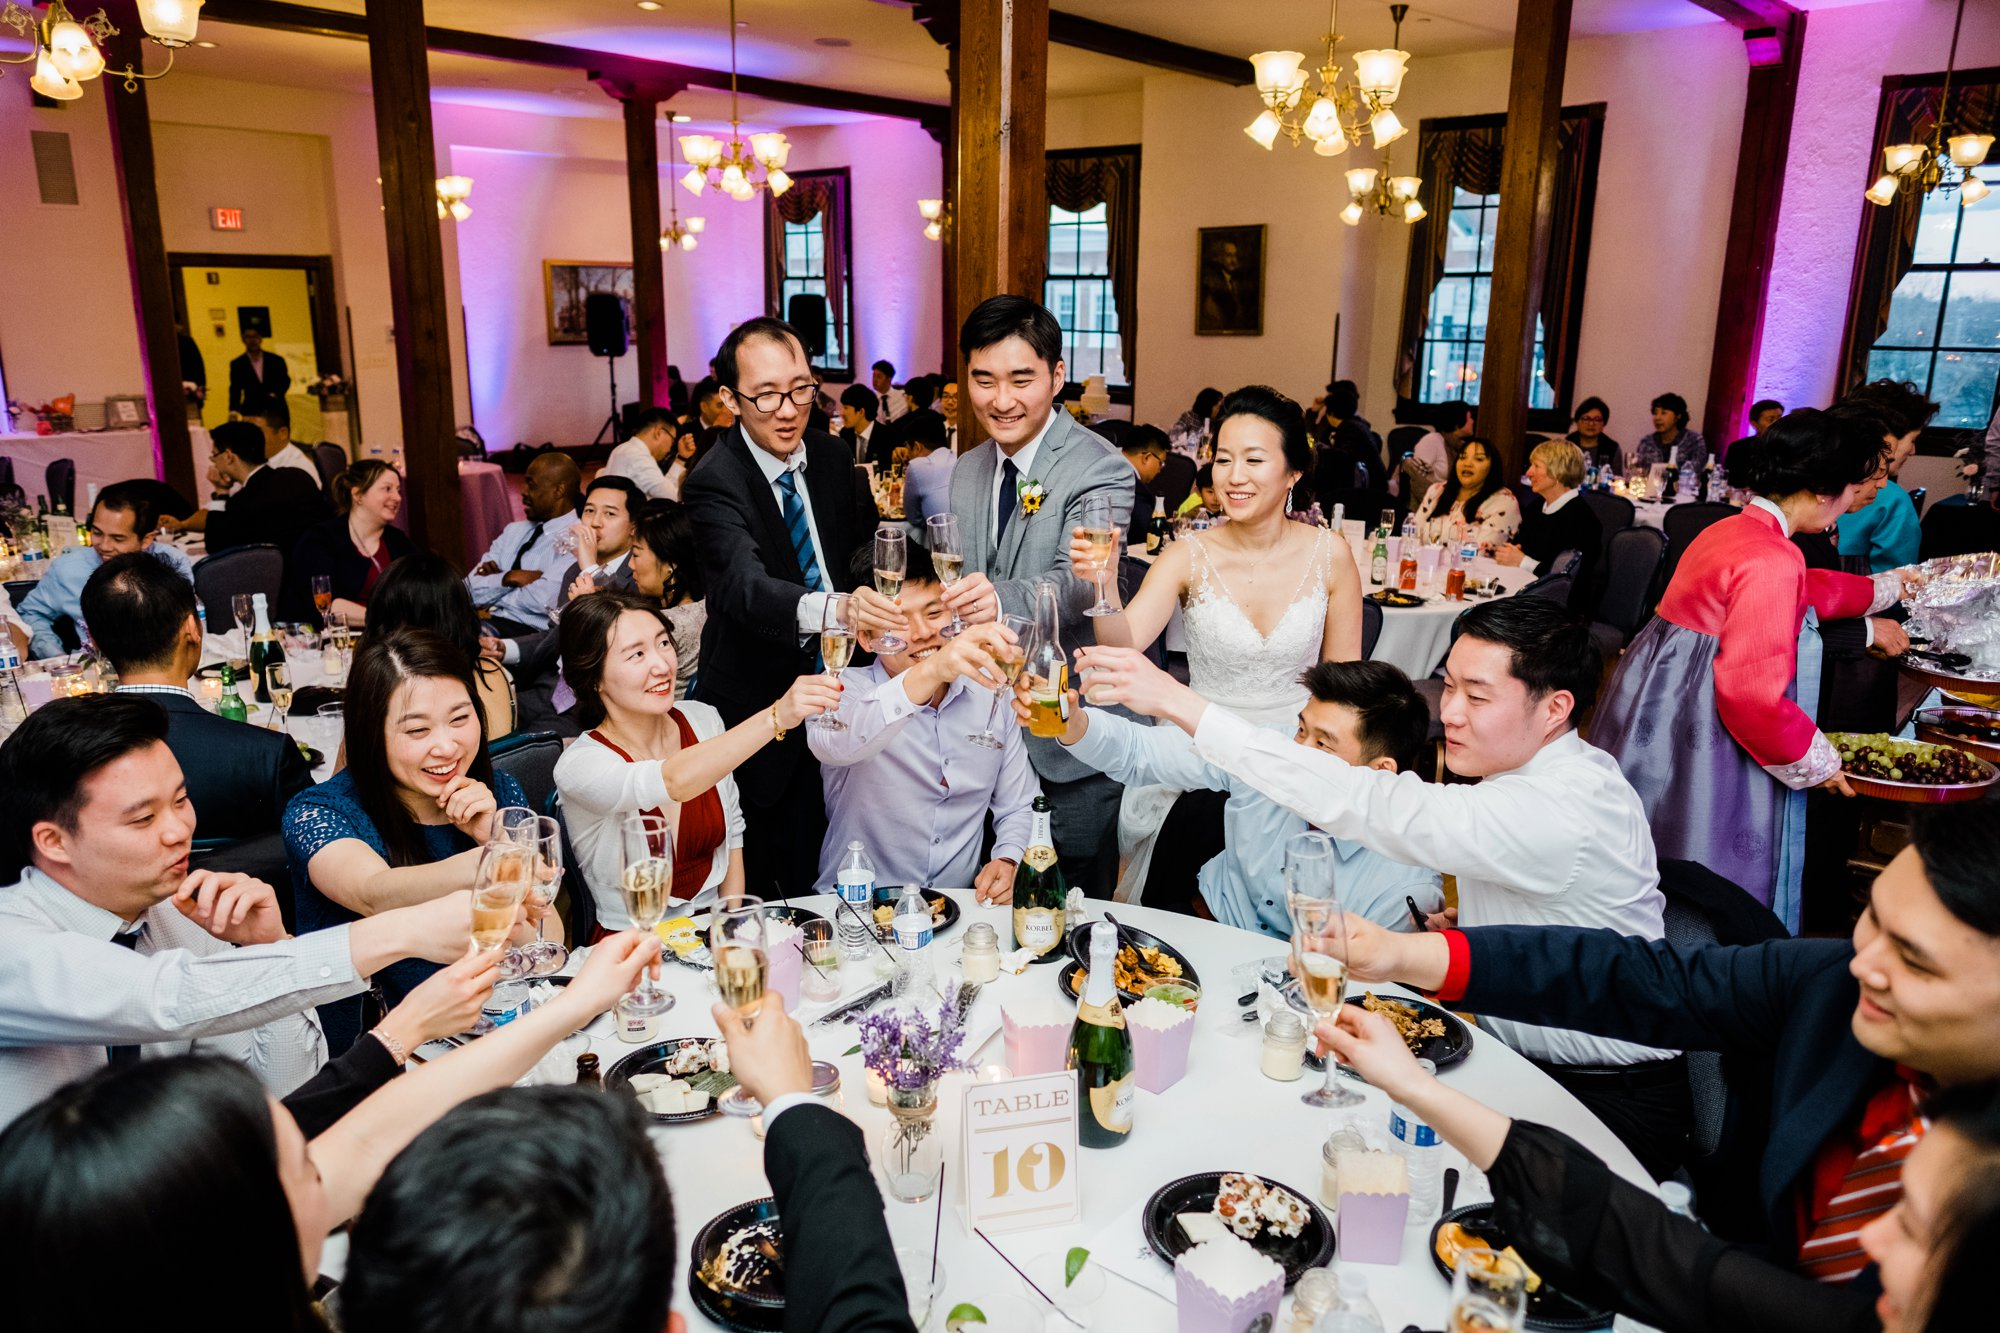 fairfax-dc-wedding-old-city-hall_0165.jpg